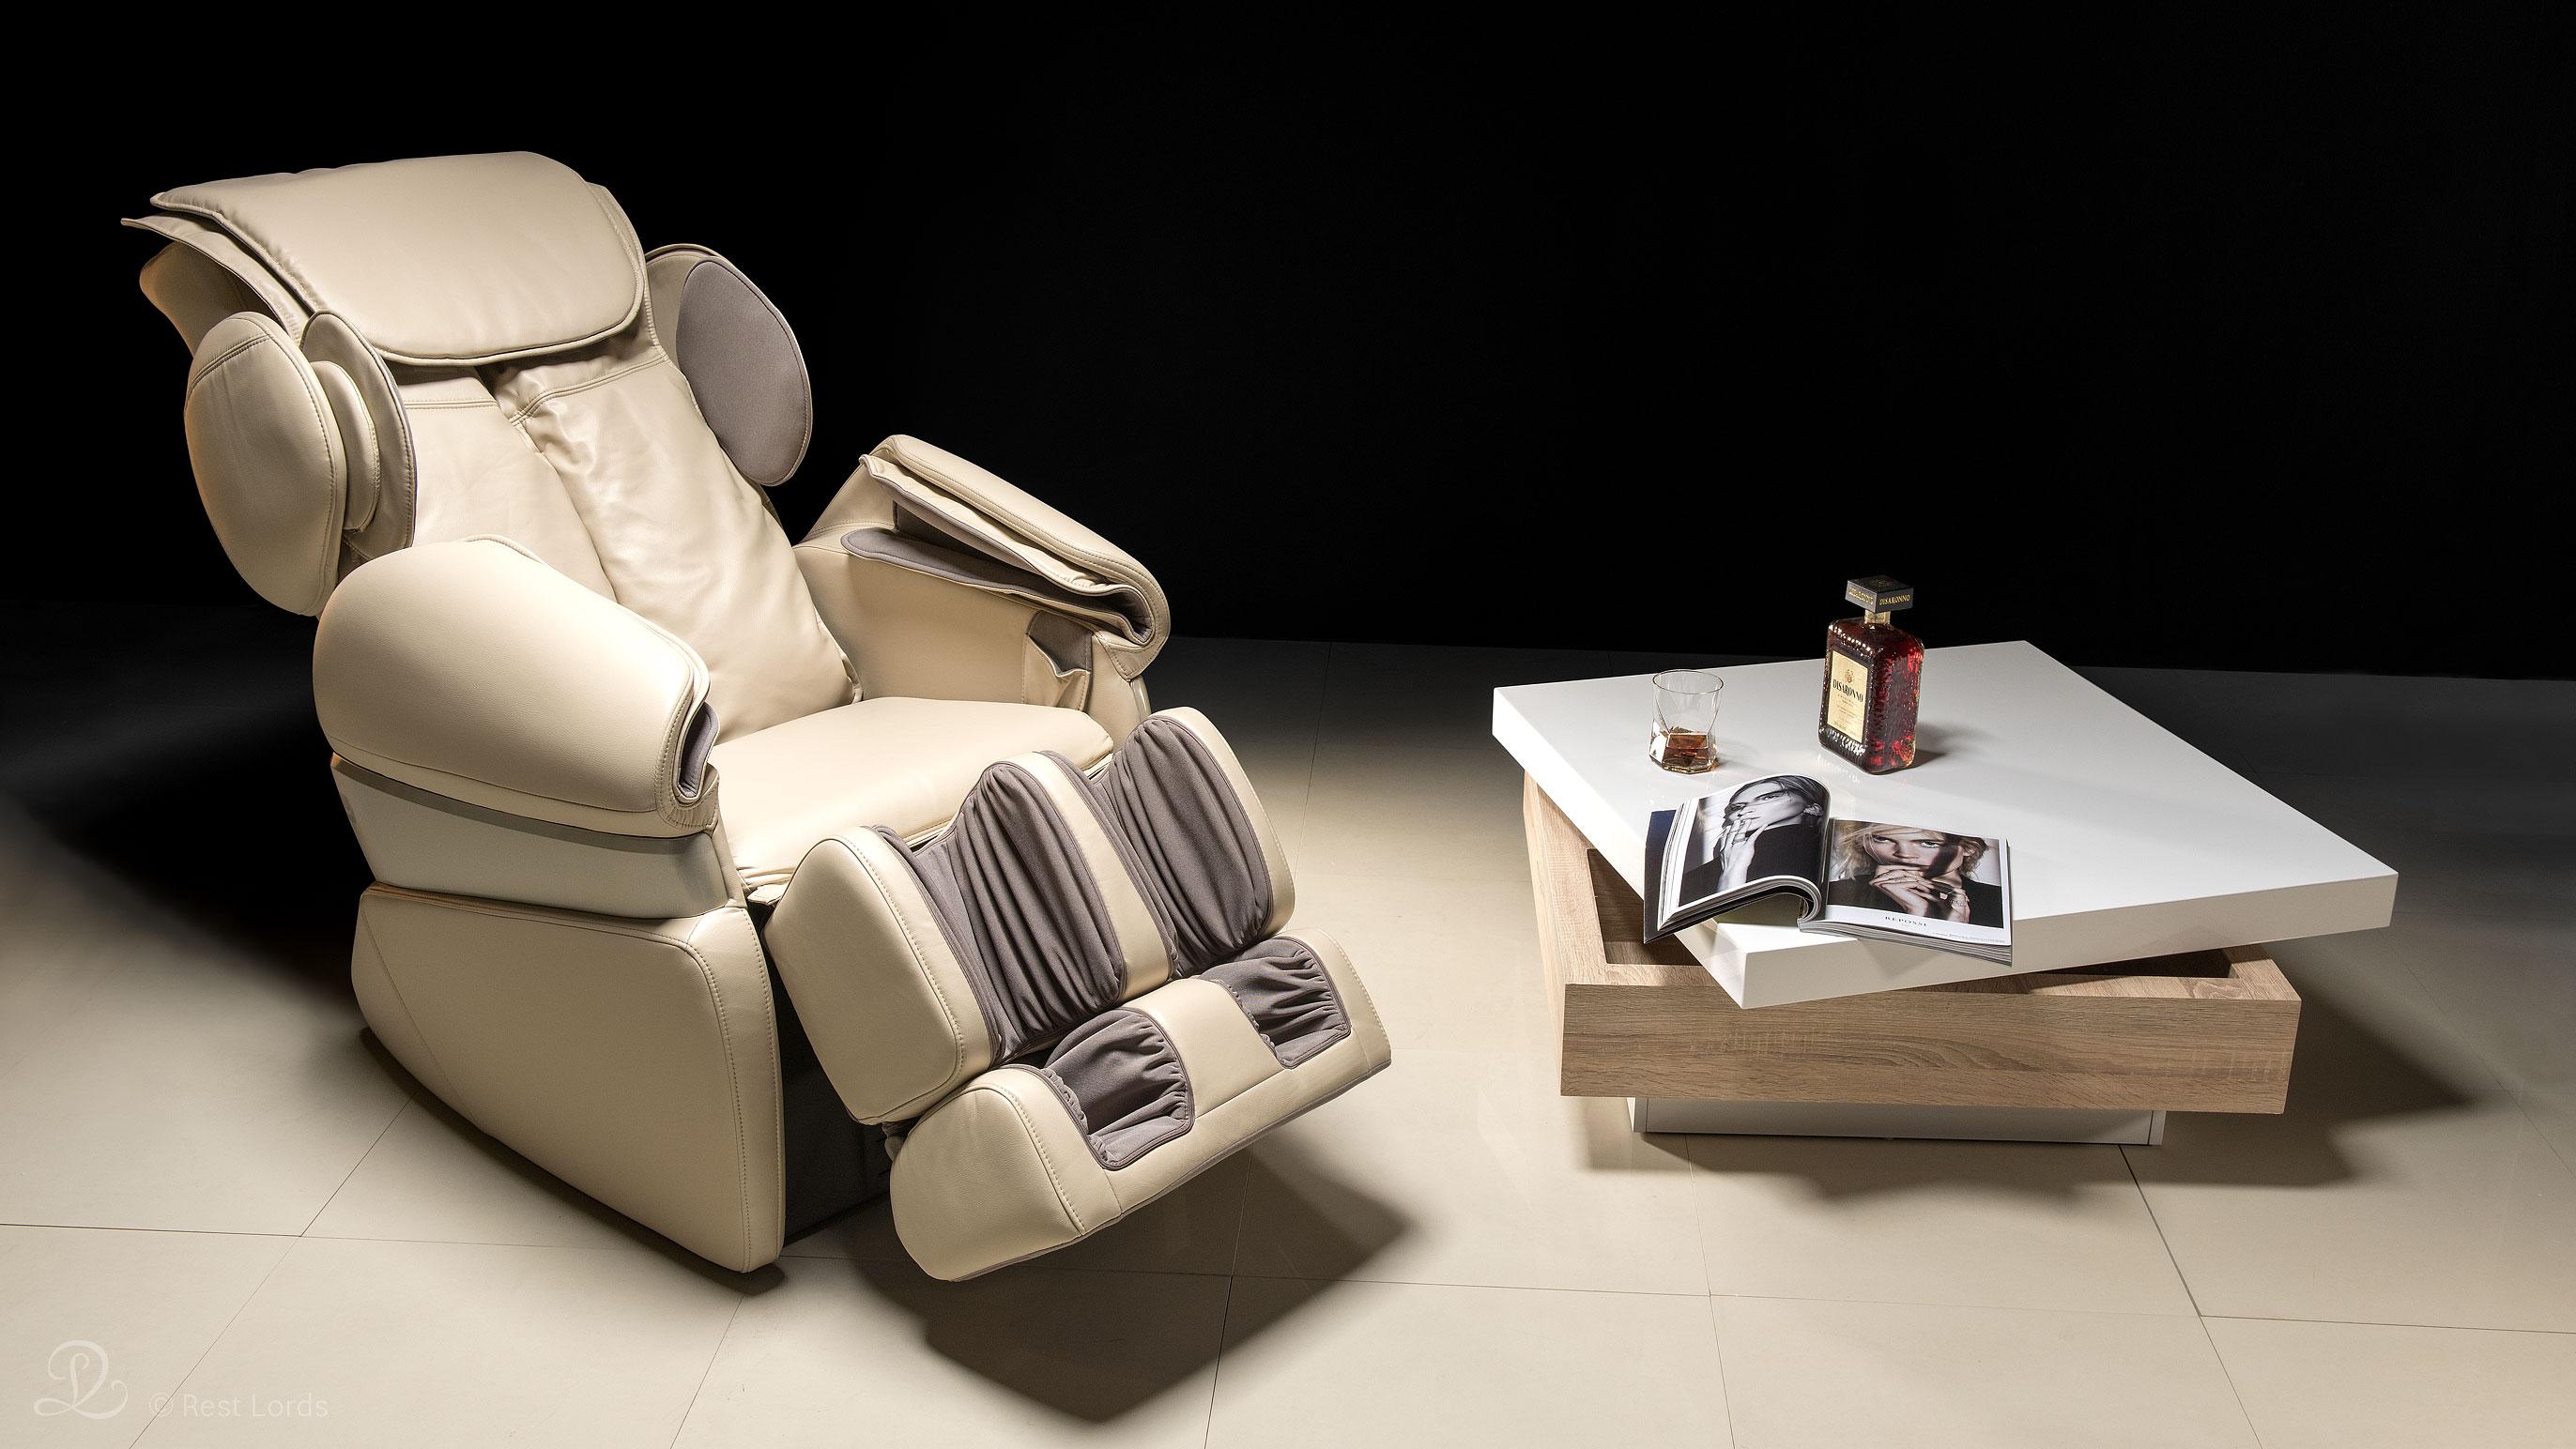 Zdjęcie fotela masującego w aranżacji